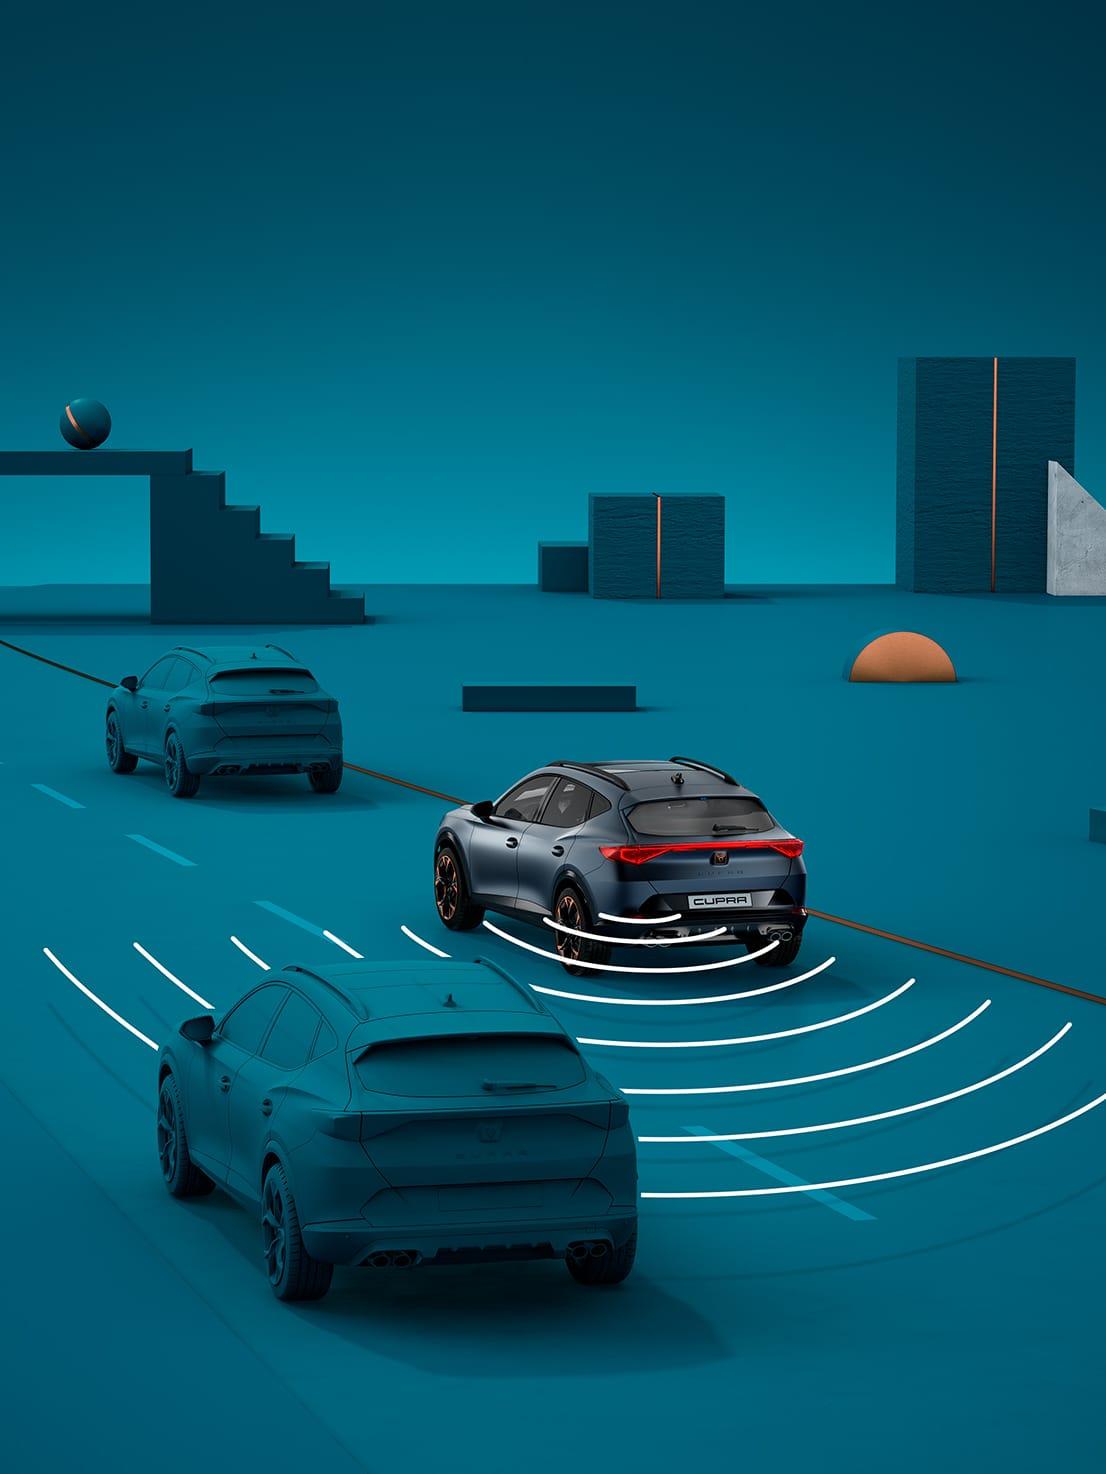 Neuer CUPRA Leon eHybrid Fünftürer Kompaktsportwagen mit Sicherheitssystemen wie Ausstiegsassistent